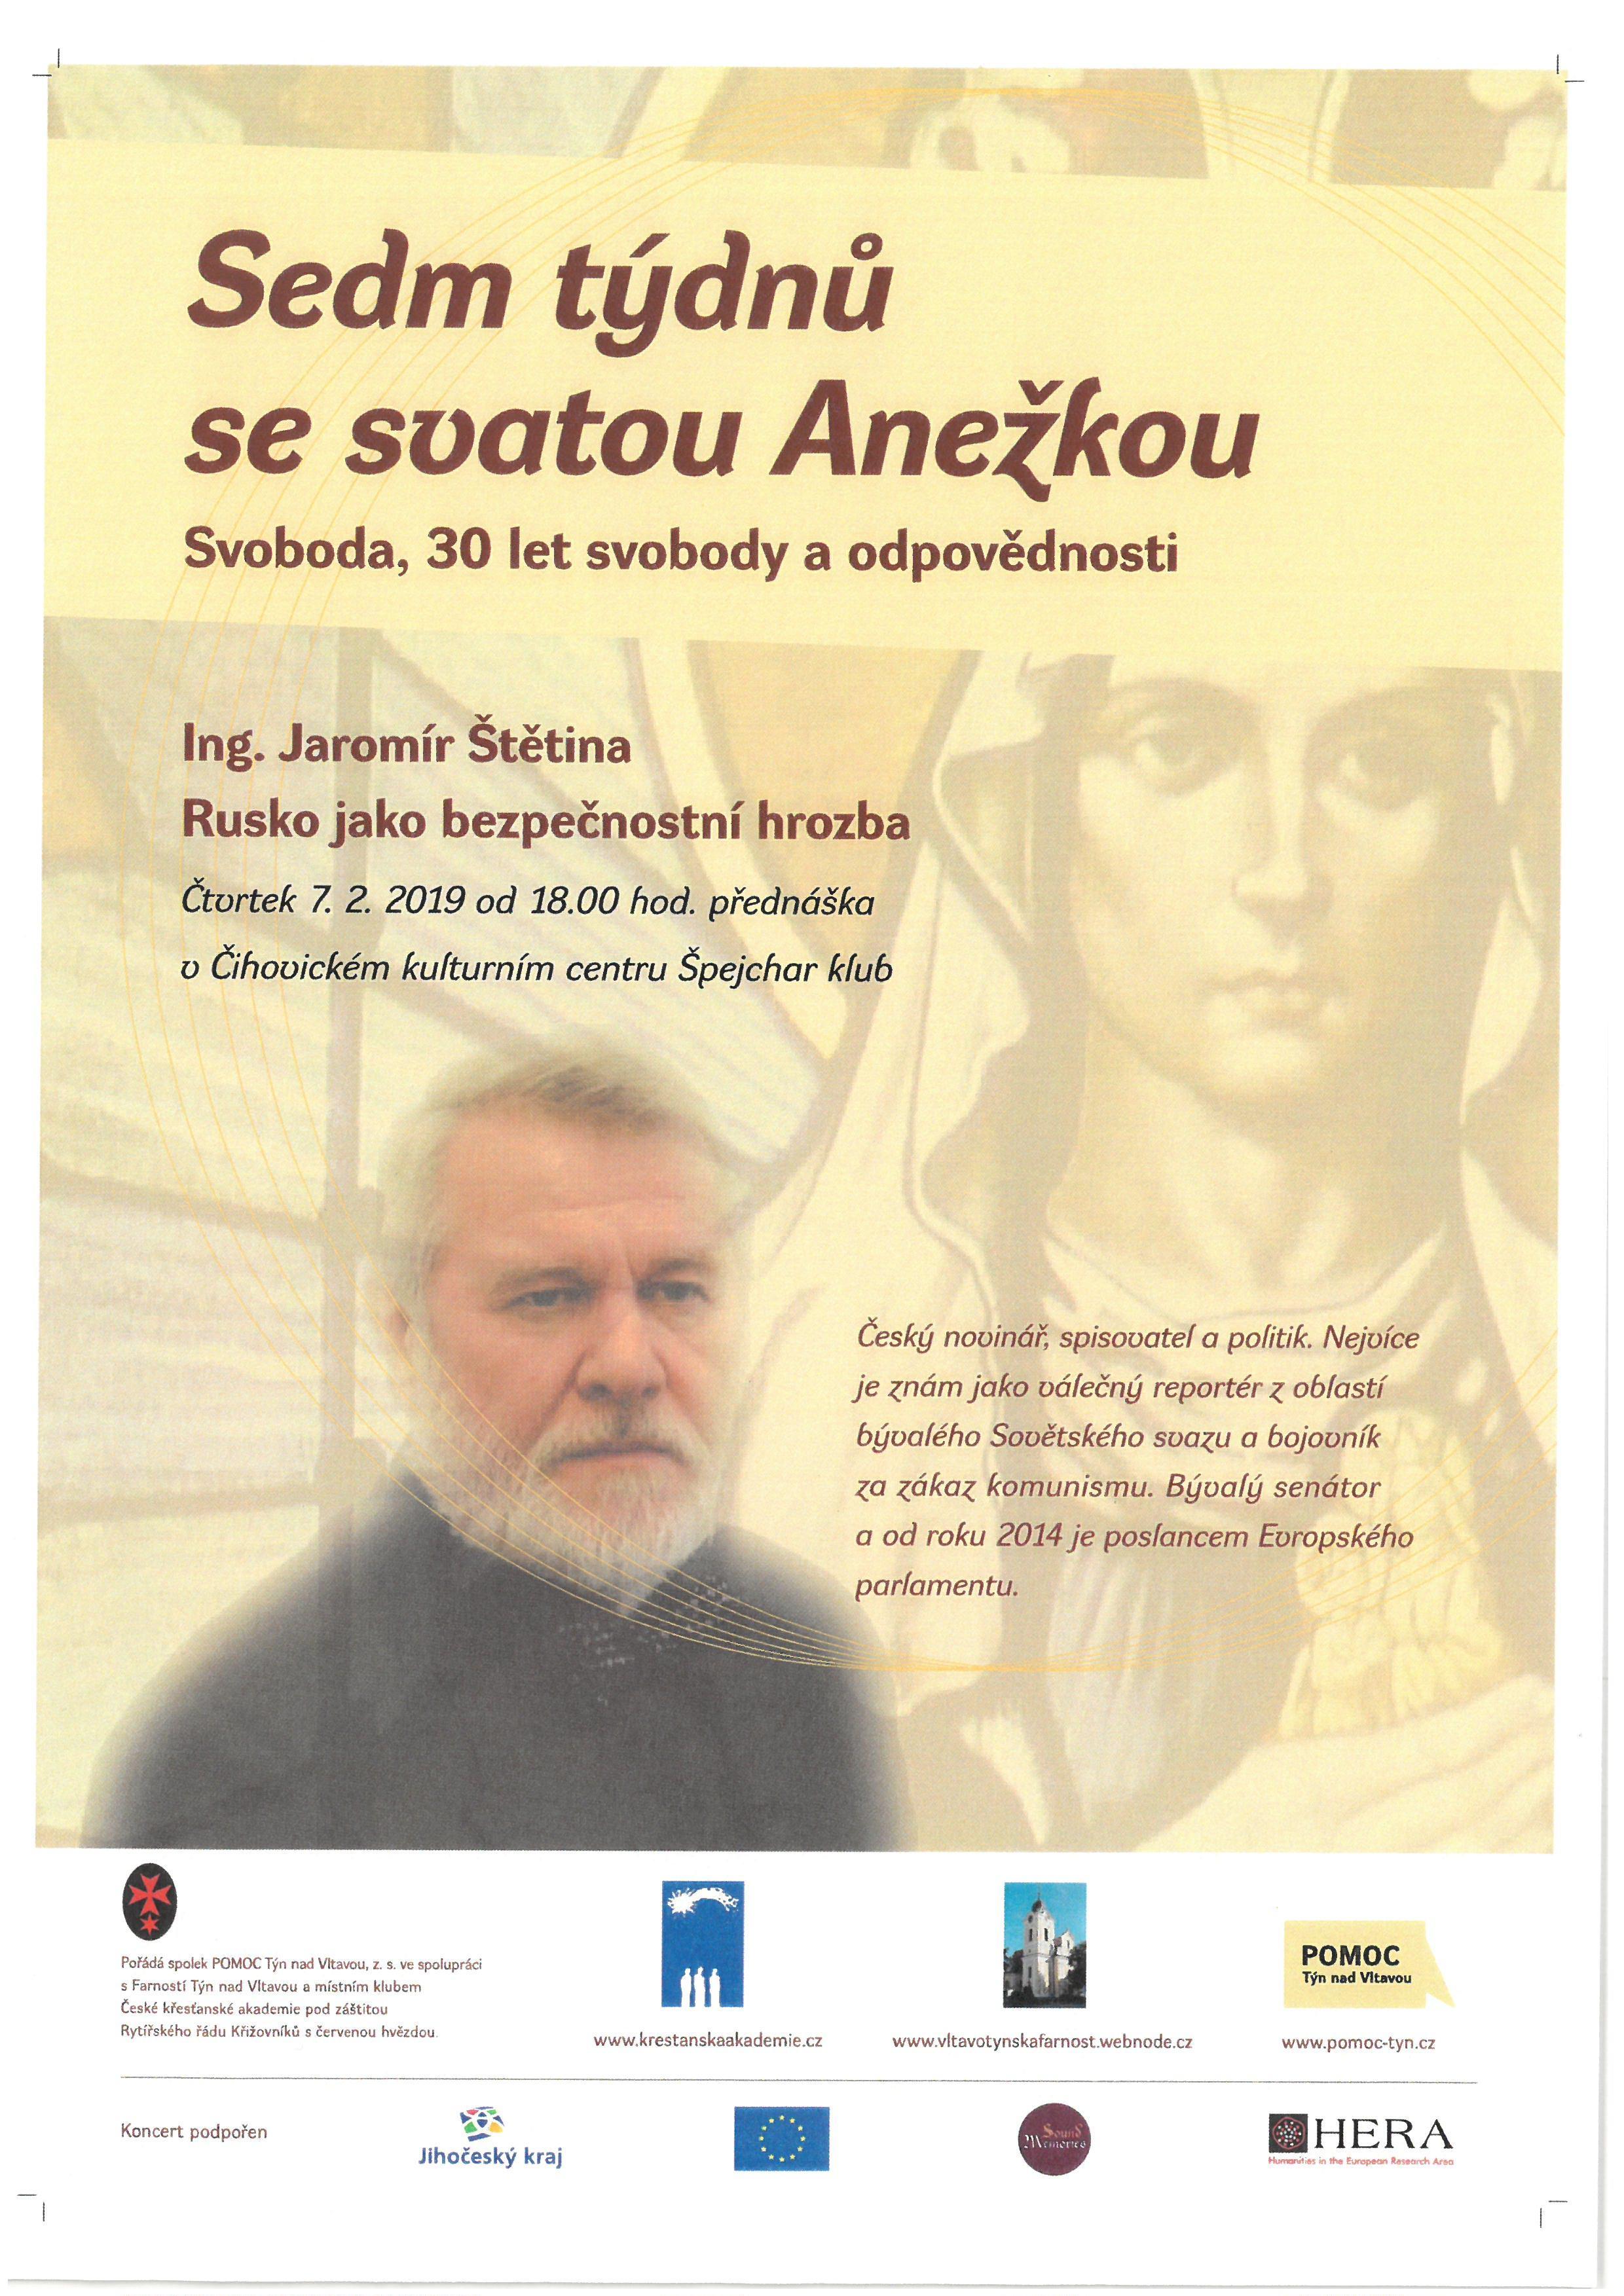 Sedm týdnů se svatou Anežkou - Ing. Jaromír Štětina